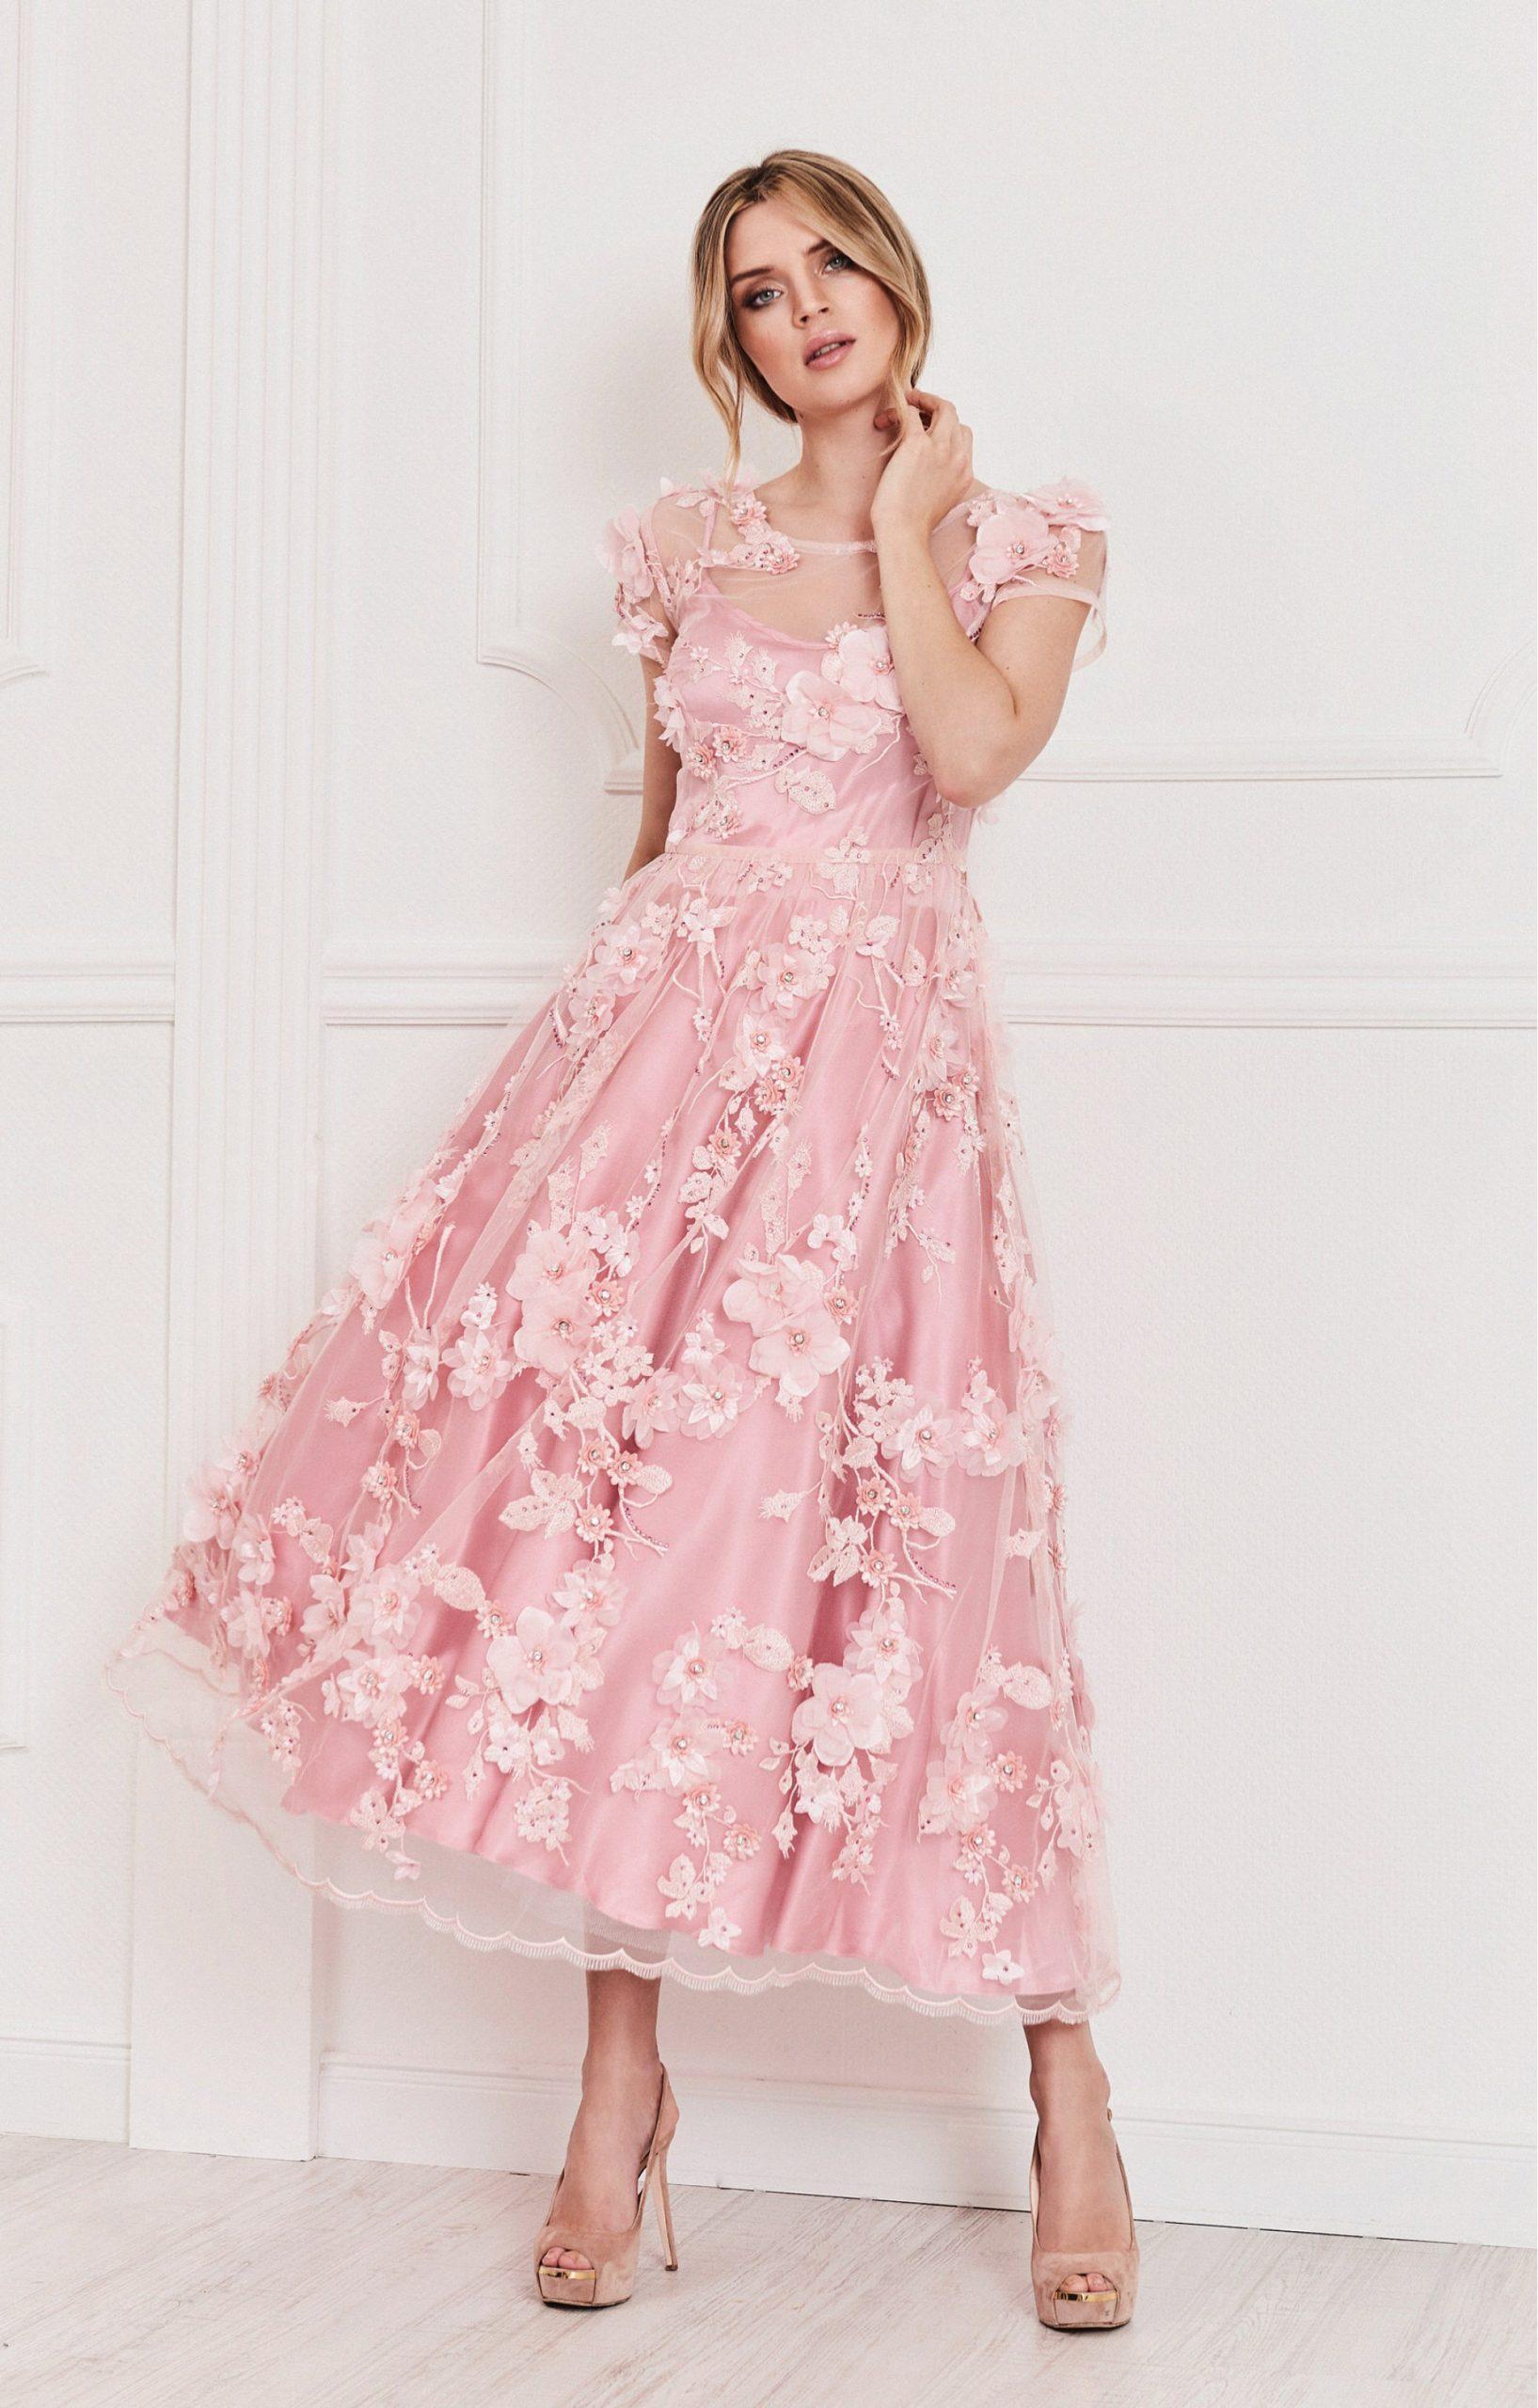 10 Fantastisch Designer Abend Kleid für 2019Formal Genial Designer Abend Kleid Spezialgebiet